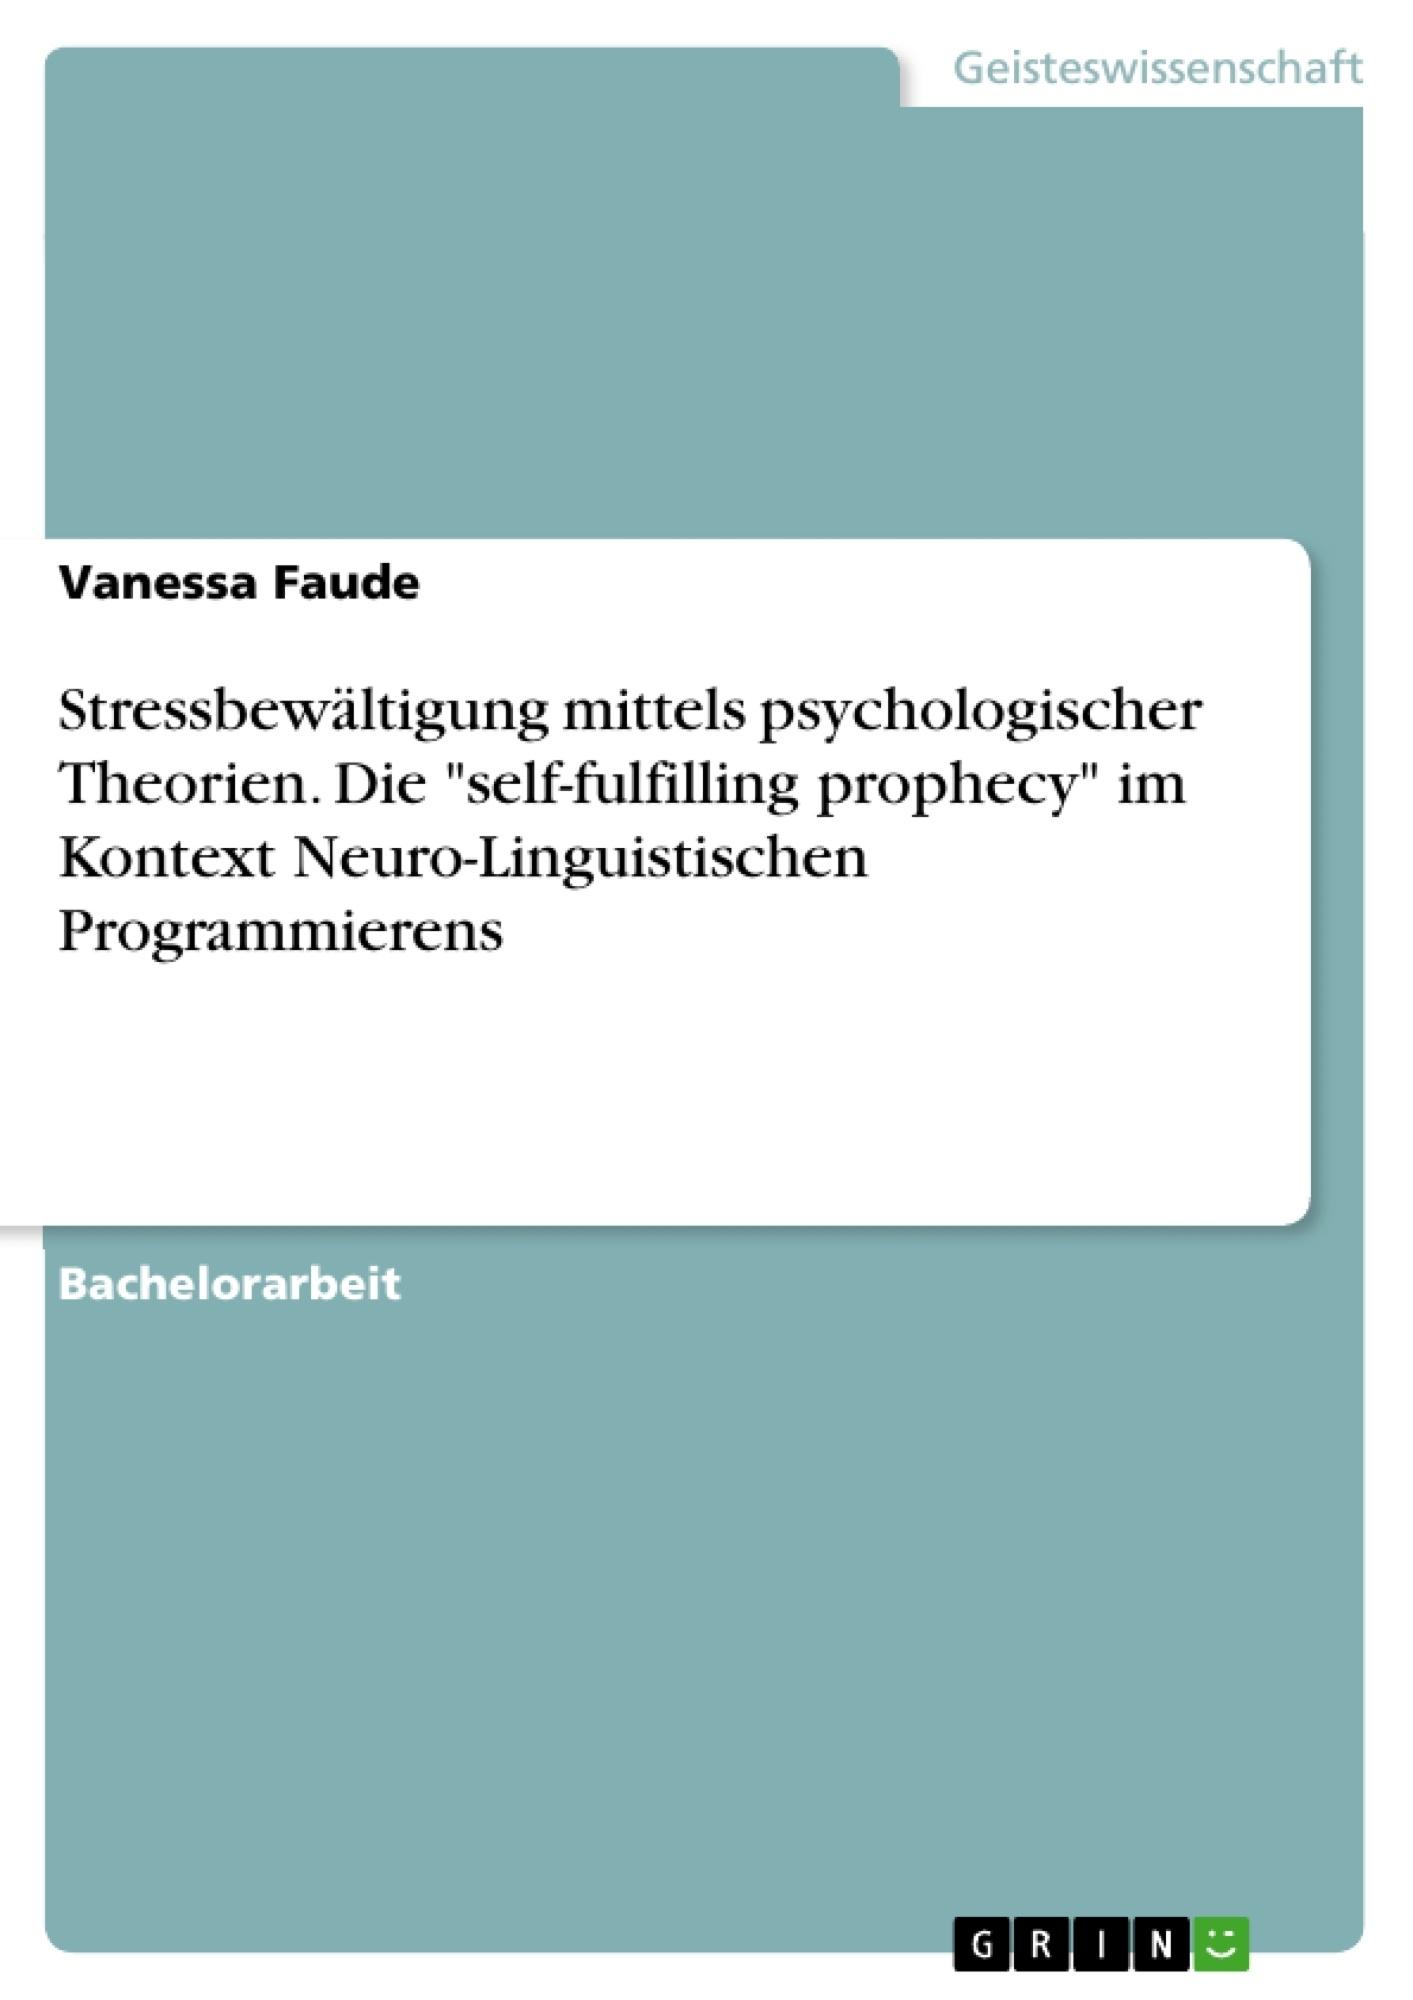 """Titel: Stressbewältigung mittels psychologischer Theorien. Die """"self-fulfilling prophecy"""" im Kontext Neuro-Linguistischen Programmierens"""